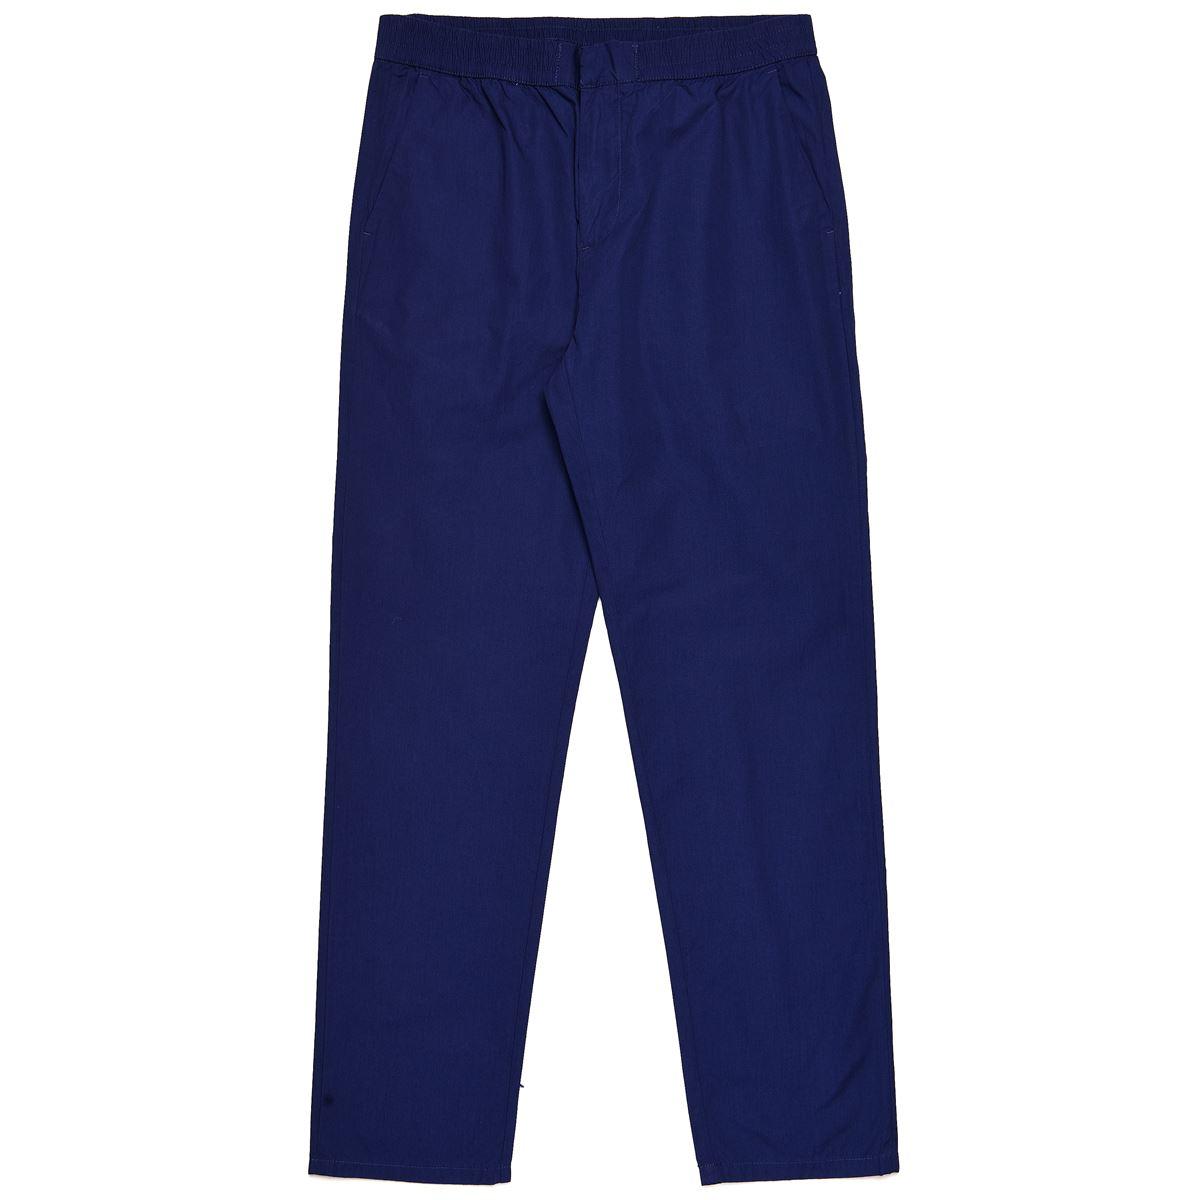 Robe di Kappa Pantaloni uomo-681136W